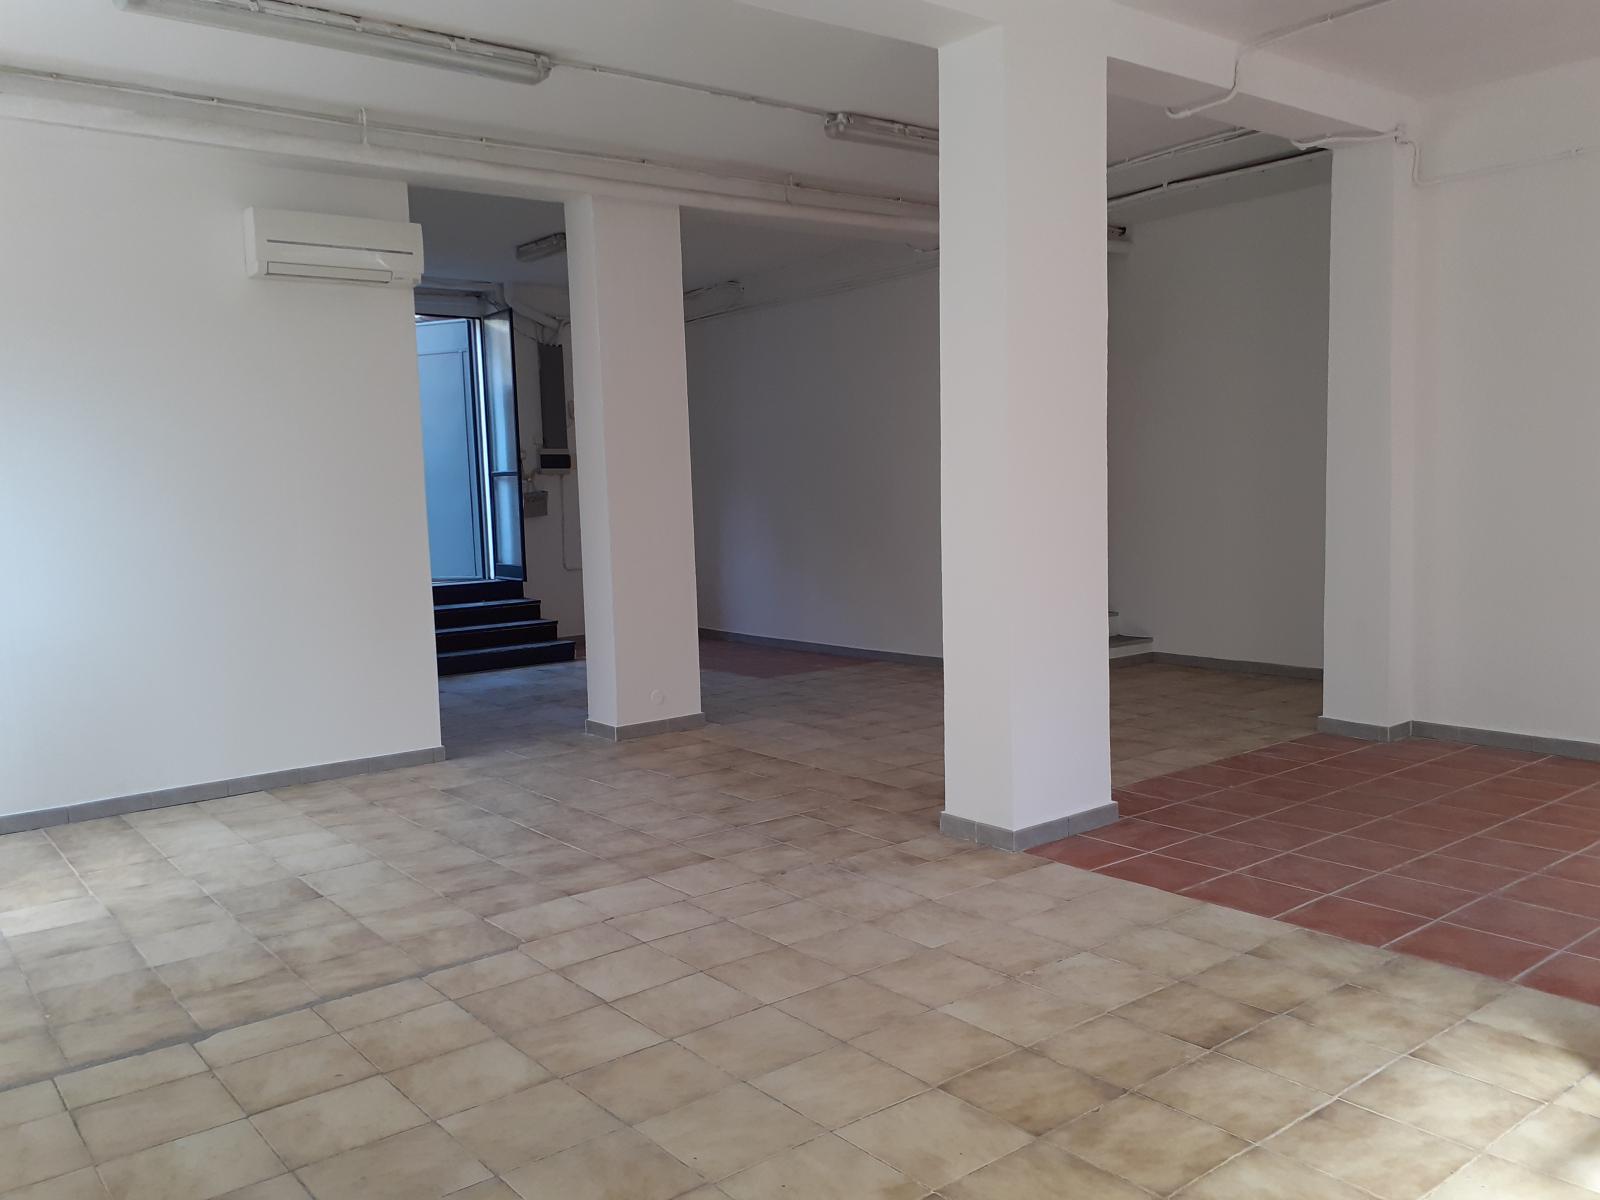 laboratorio-magazzino-in-vendita-affitto-a-baggio-milano-spaziourbano-immobiliare-vende-affitta-6